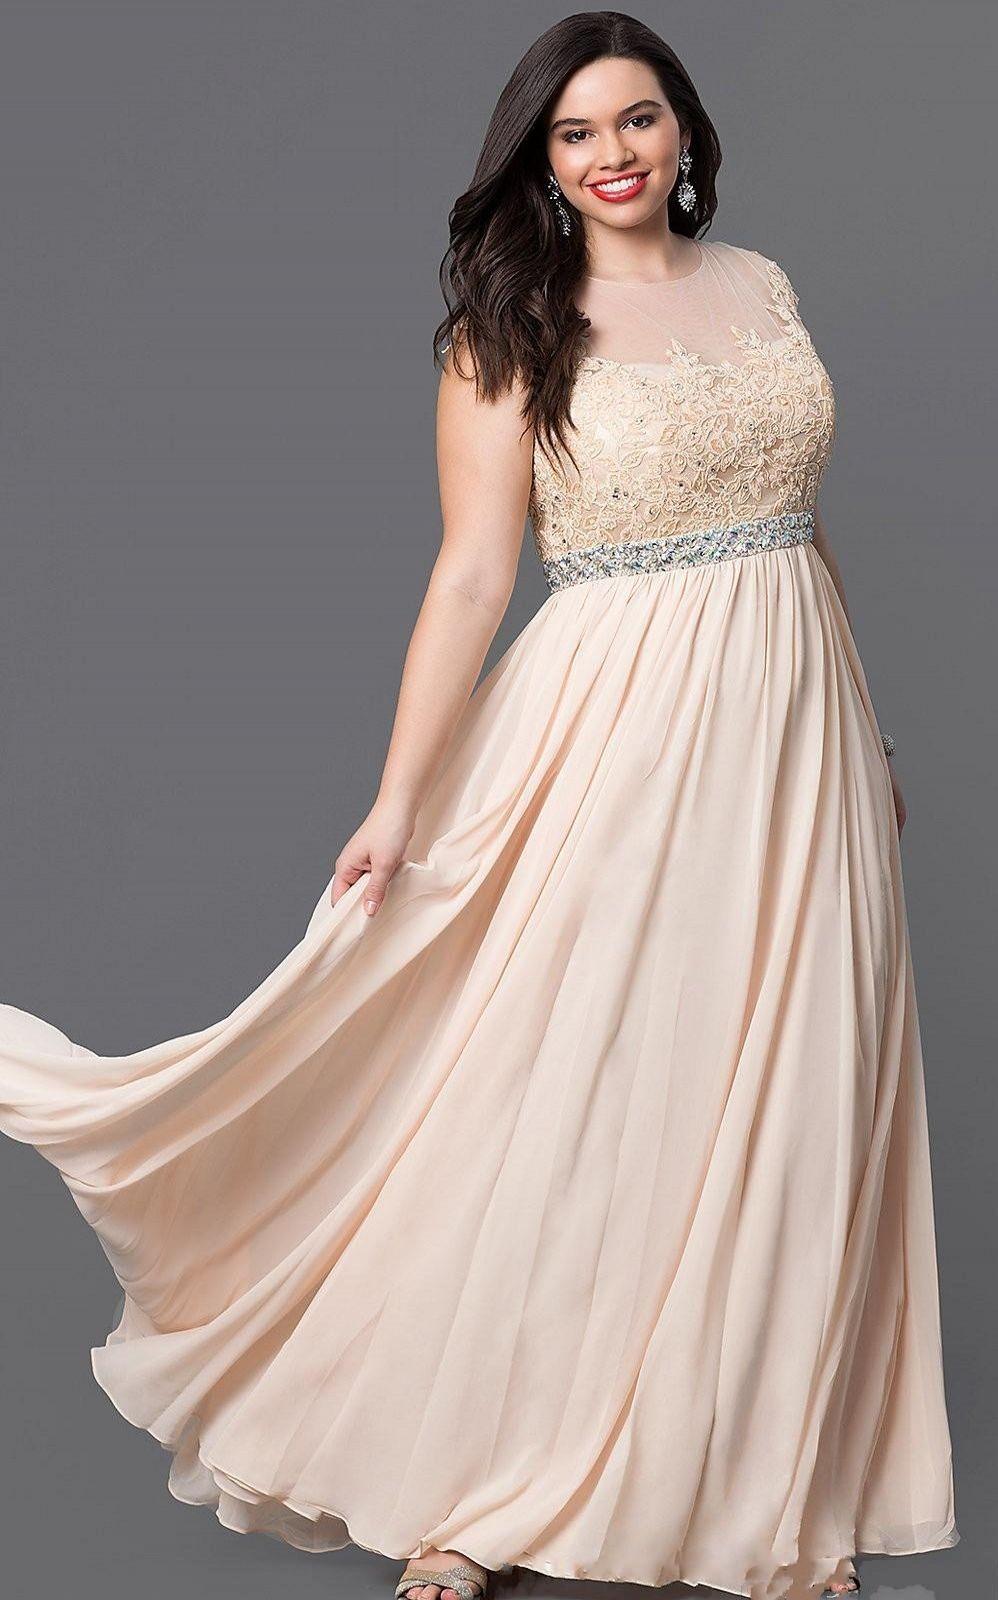 Vestidos PD5034 elegante tamanhos plus Jewel A linha de Piso de comprimento Chiffon Custom Made Formal vestido de noite Applique Beadings das Mães